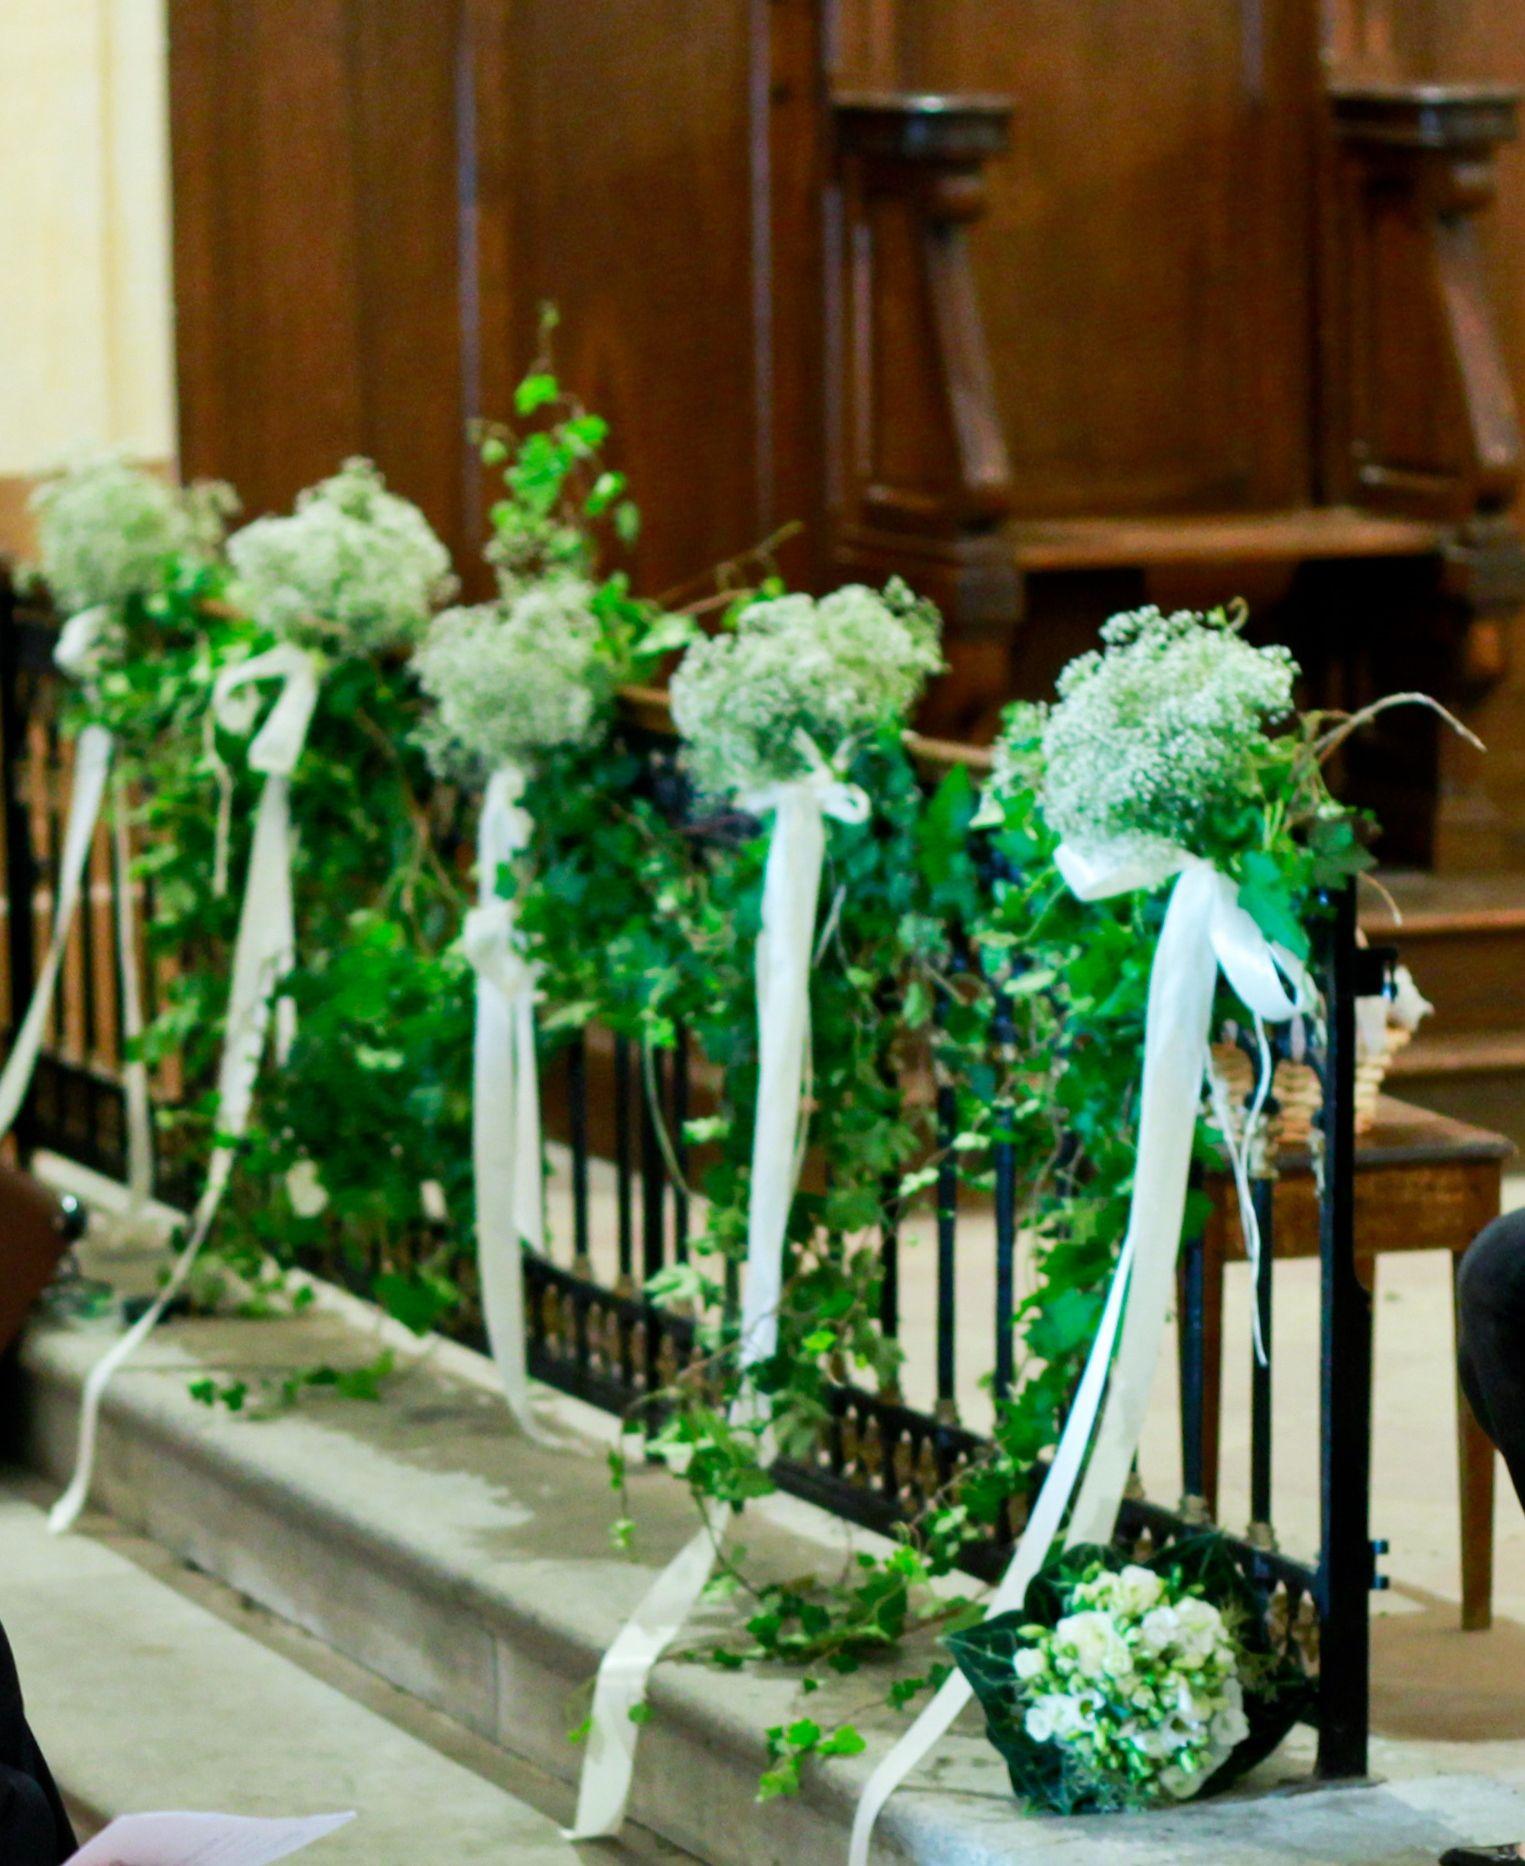 d 233 coration florale eglise pour un mariage fleuriste palm valence fleuriste palm valence